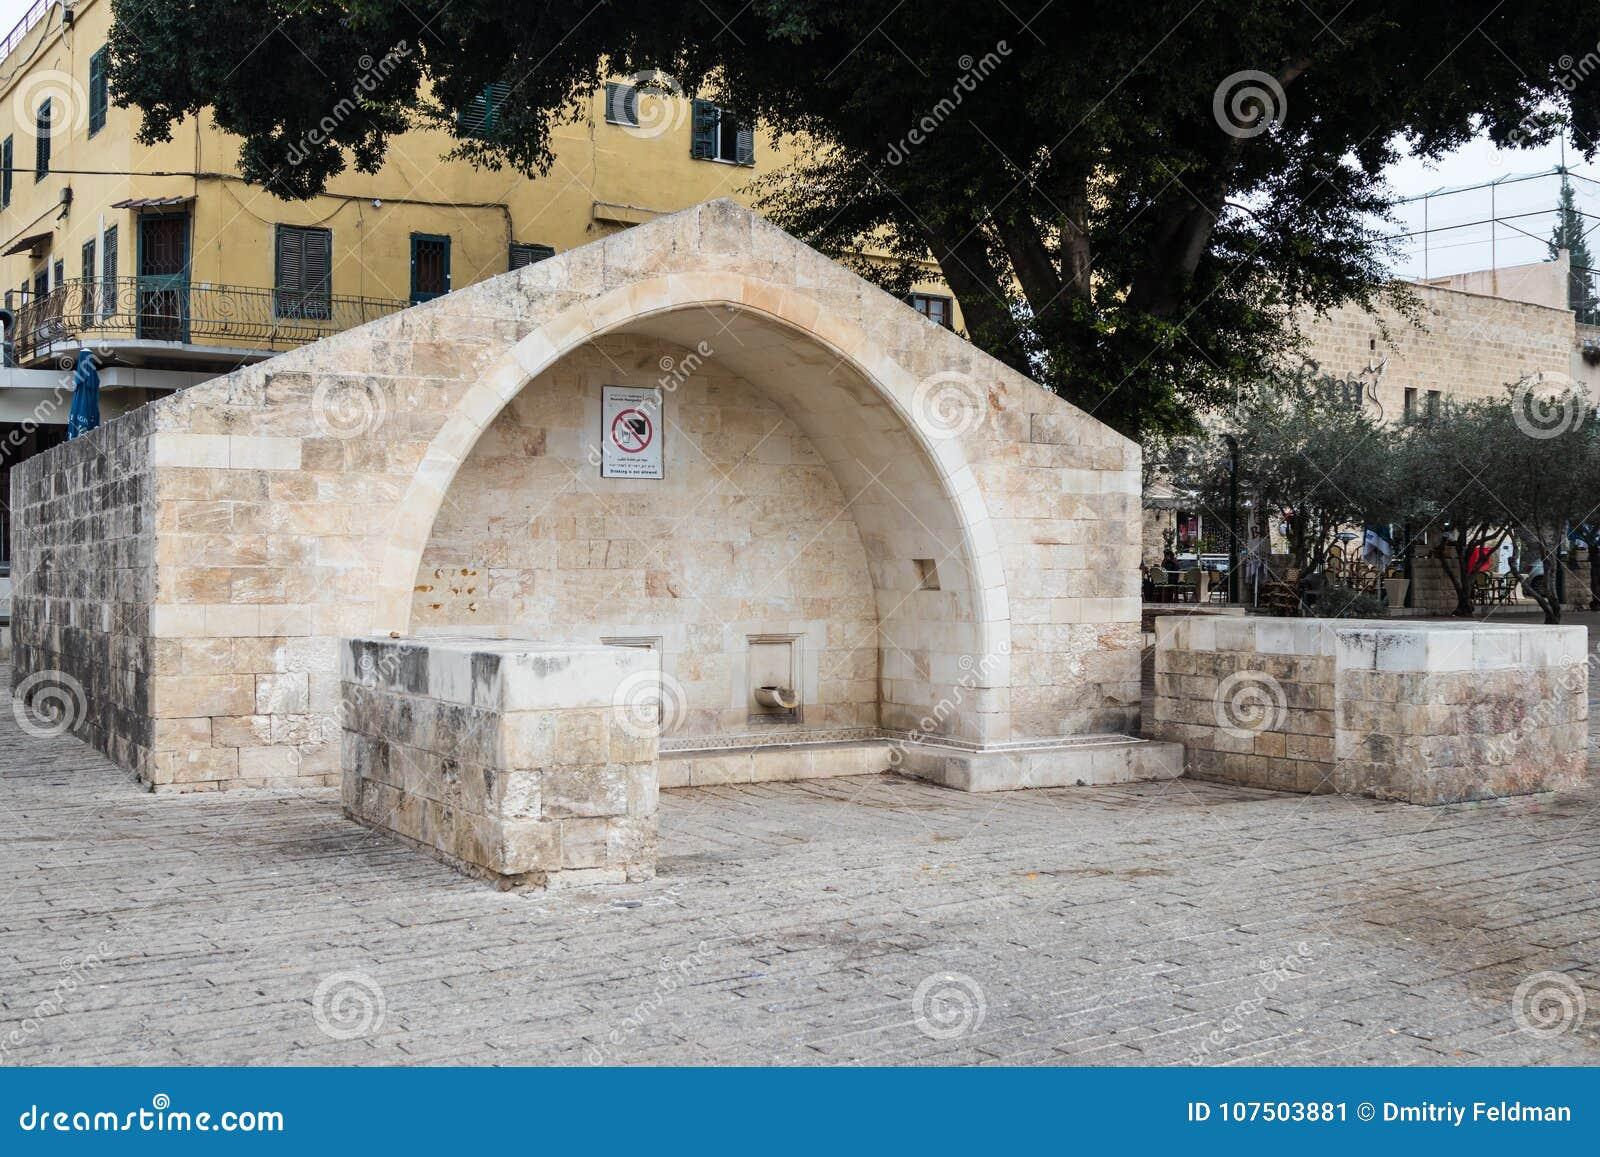 De fontein van Maagdelijke Mary - Mary ` s goed - in de oude stad van Nazareth in Israël